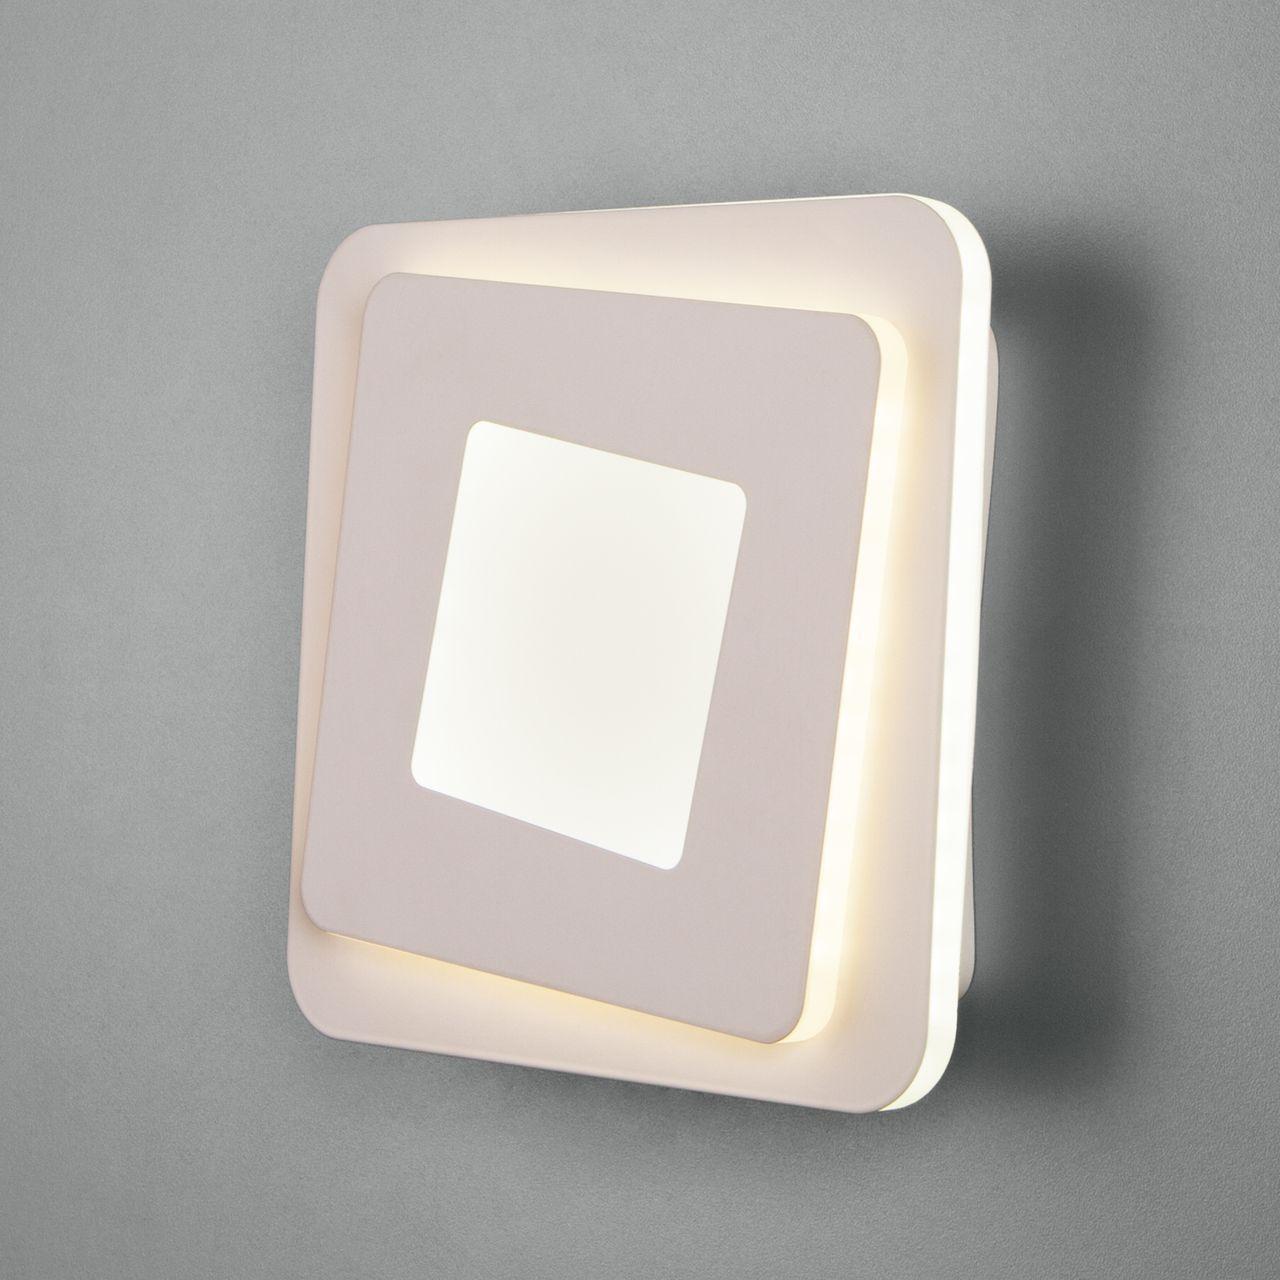 Настенный светильник EUROSVET 90154/2, LED, 20 Вт eurosvet los 366